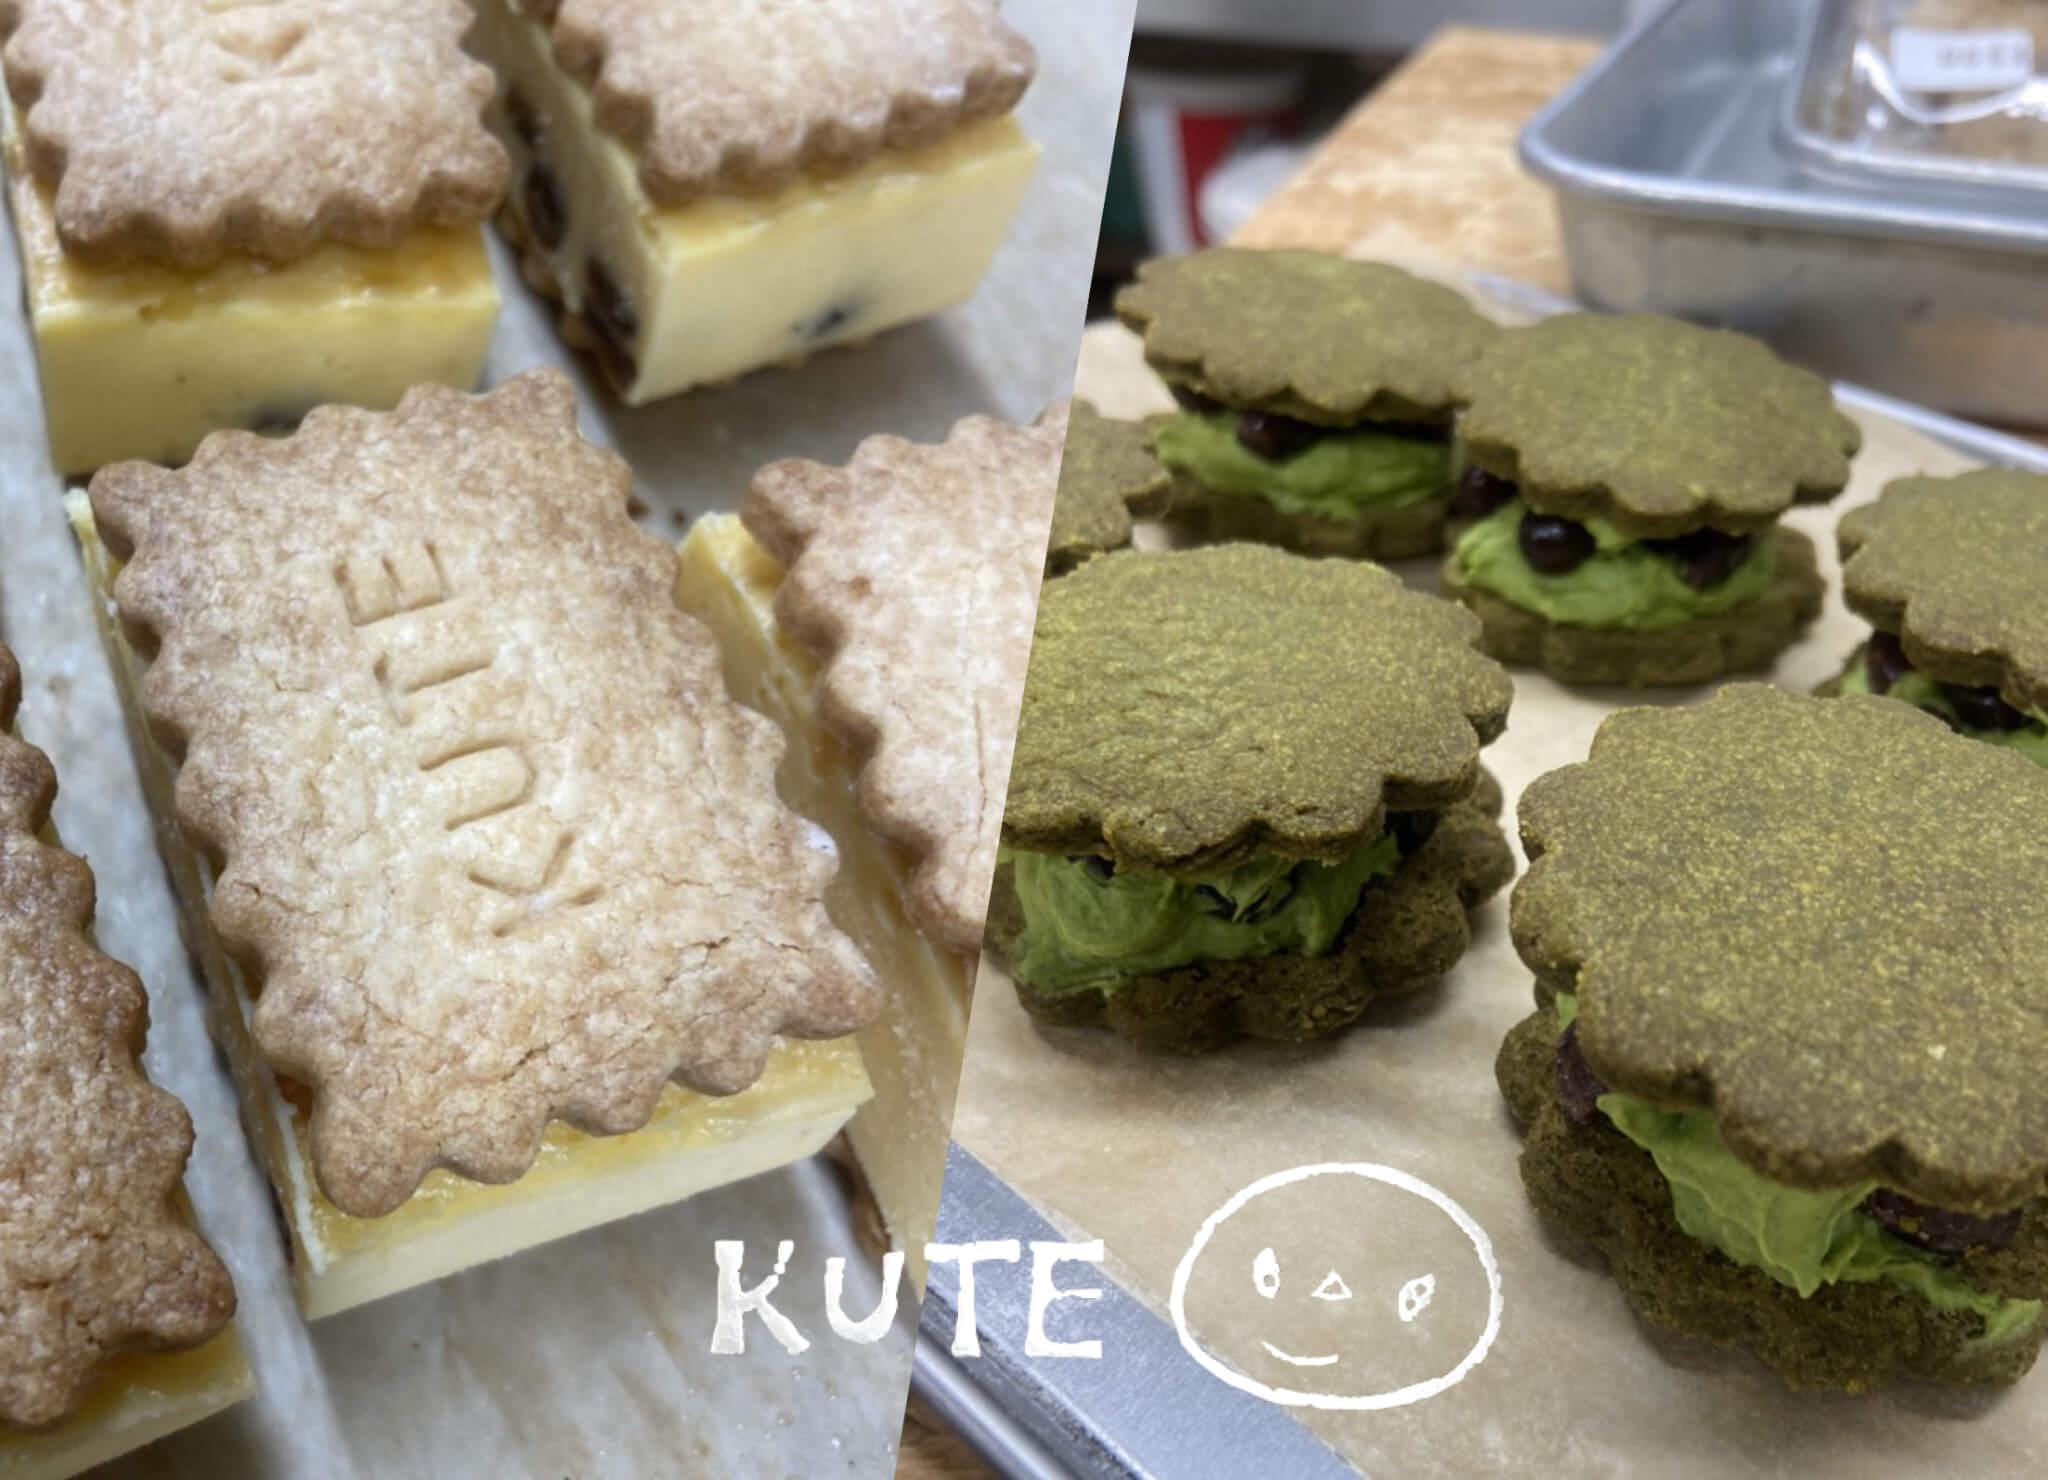 体に優しいお菓子「kuteキッチン」|岡崎マルシェ出店情報